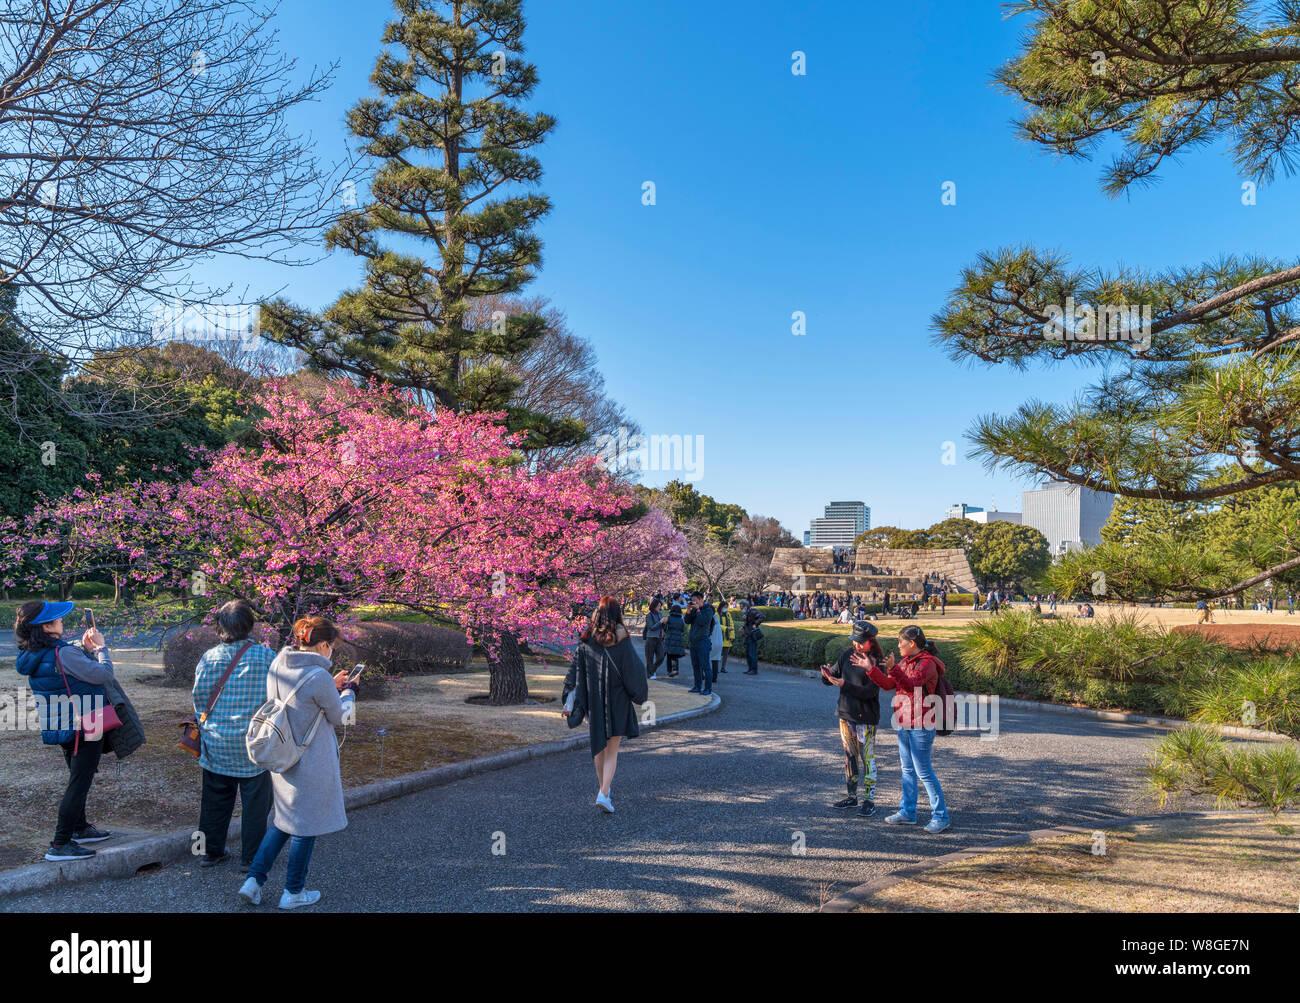 Los visitantes tomando fotos de flor de cerezo con el sitio del Castillo de Edo mantener en la distancia, East Gardens, el Palacio Imperial, Tokio, Japón Foto de stock